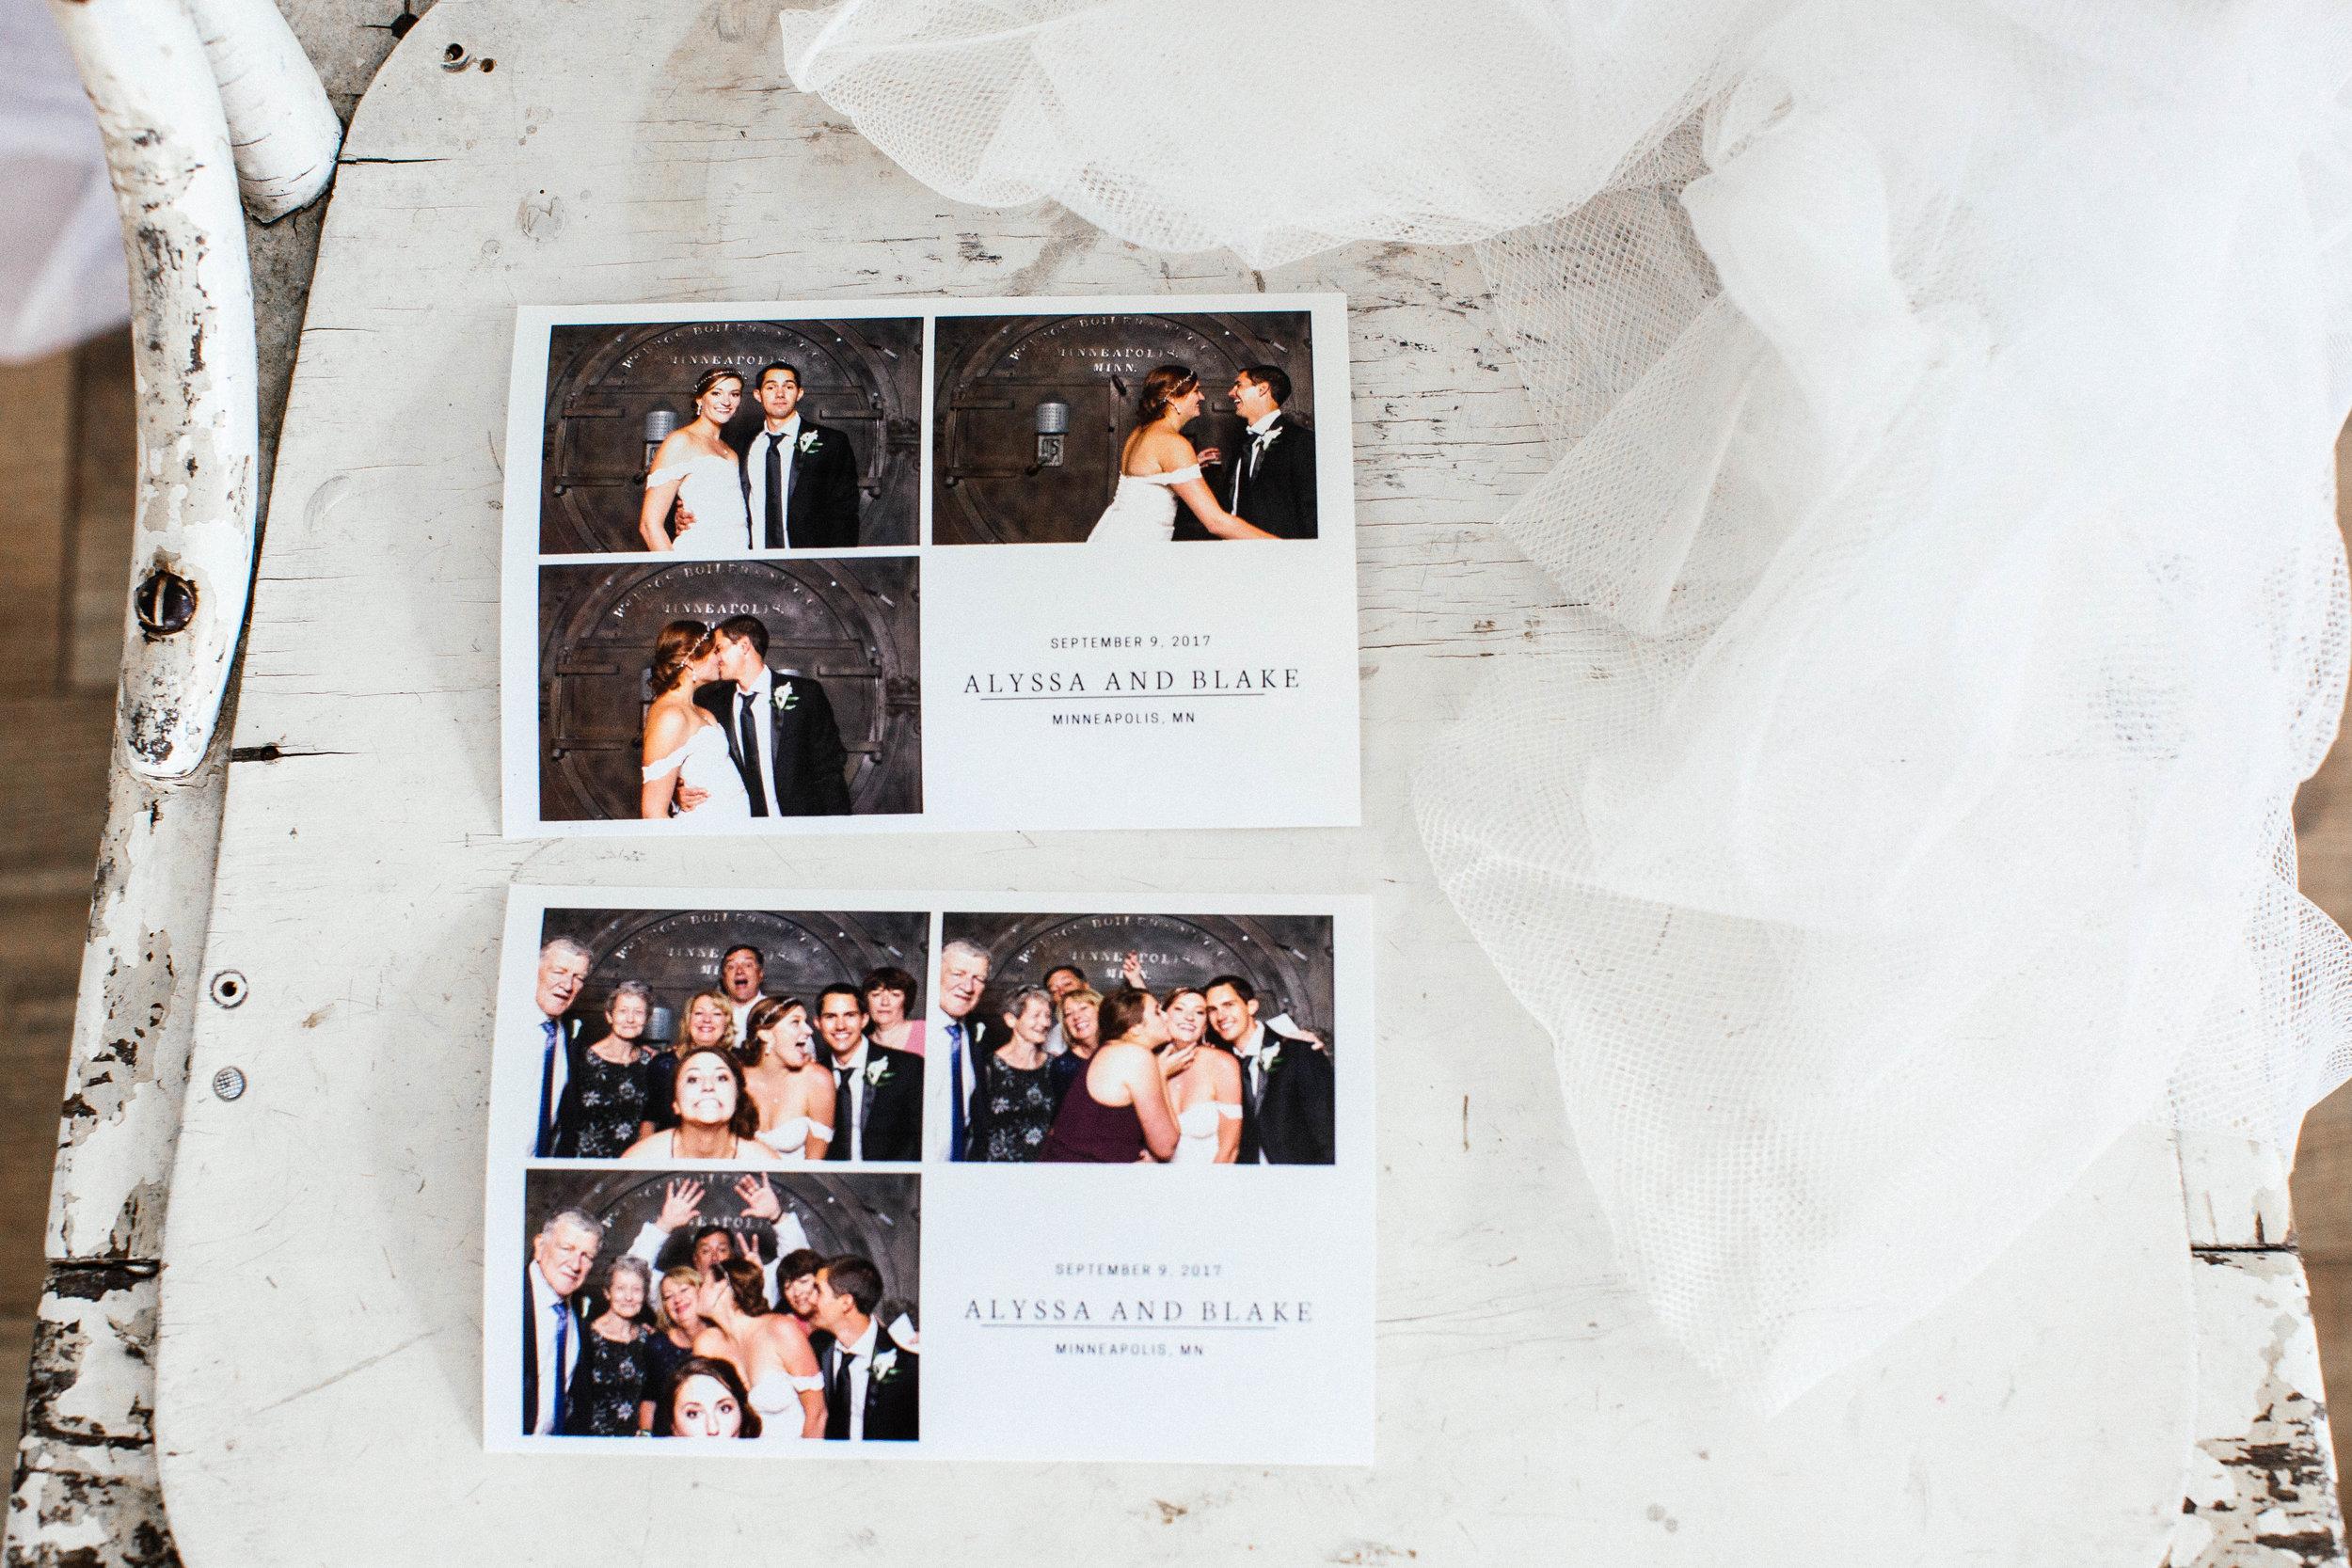 Minneapolis Photo booth